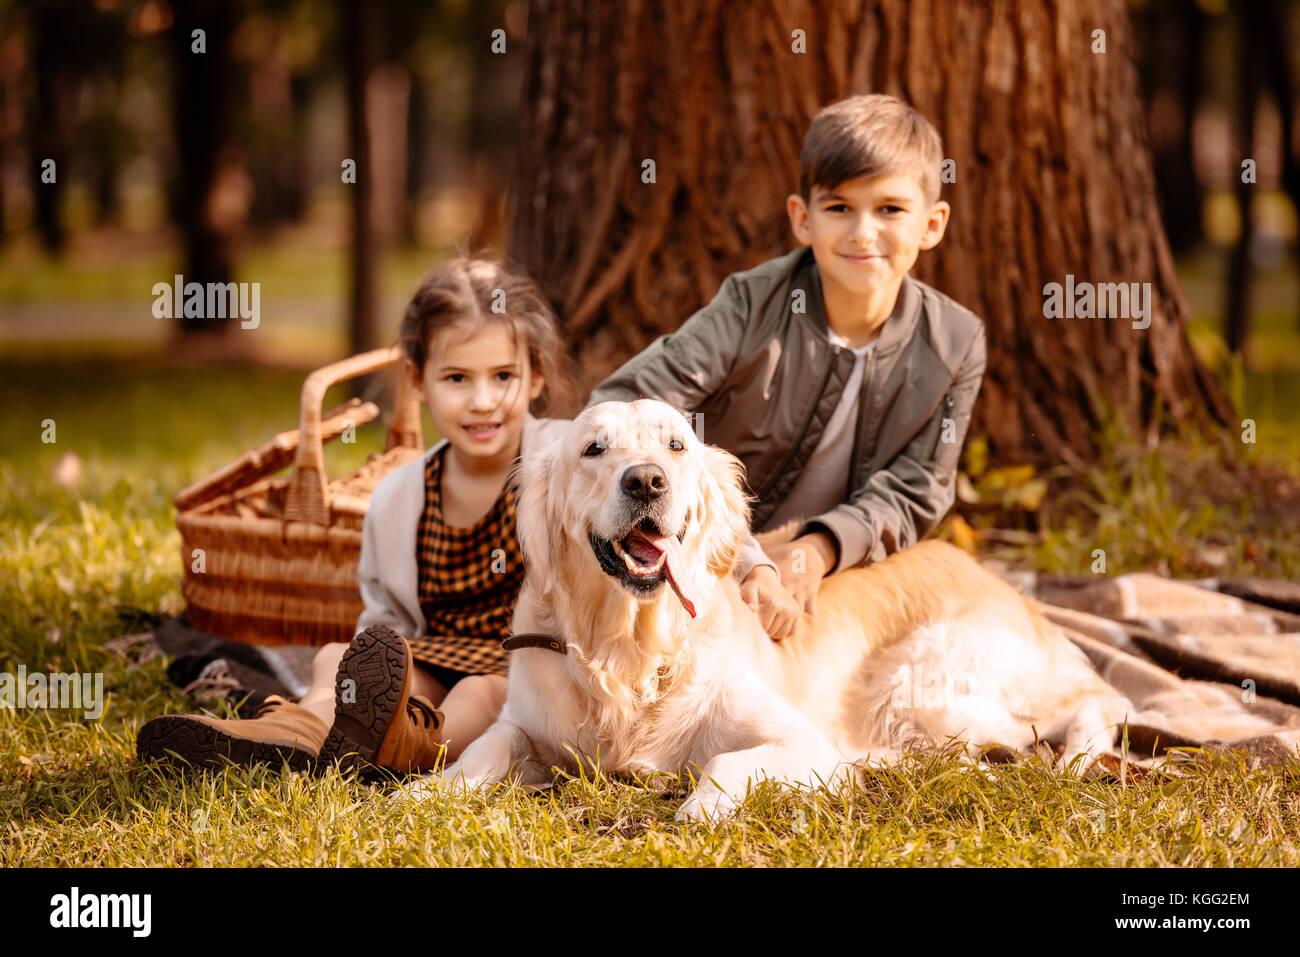 Niños acariciándole perro en park Imagen De Stock